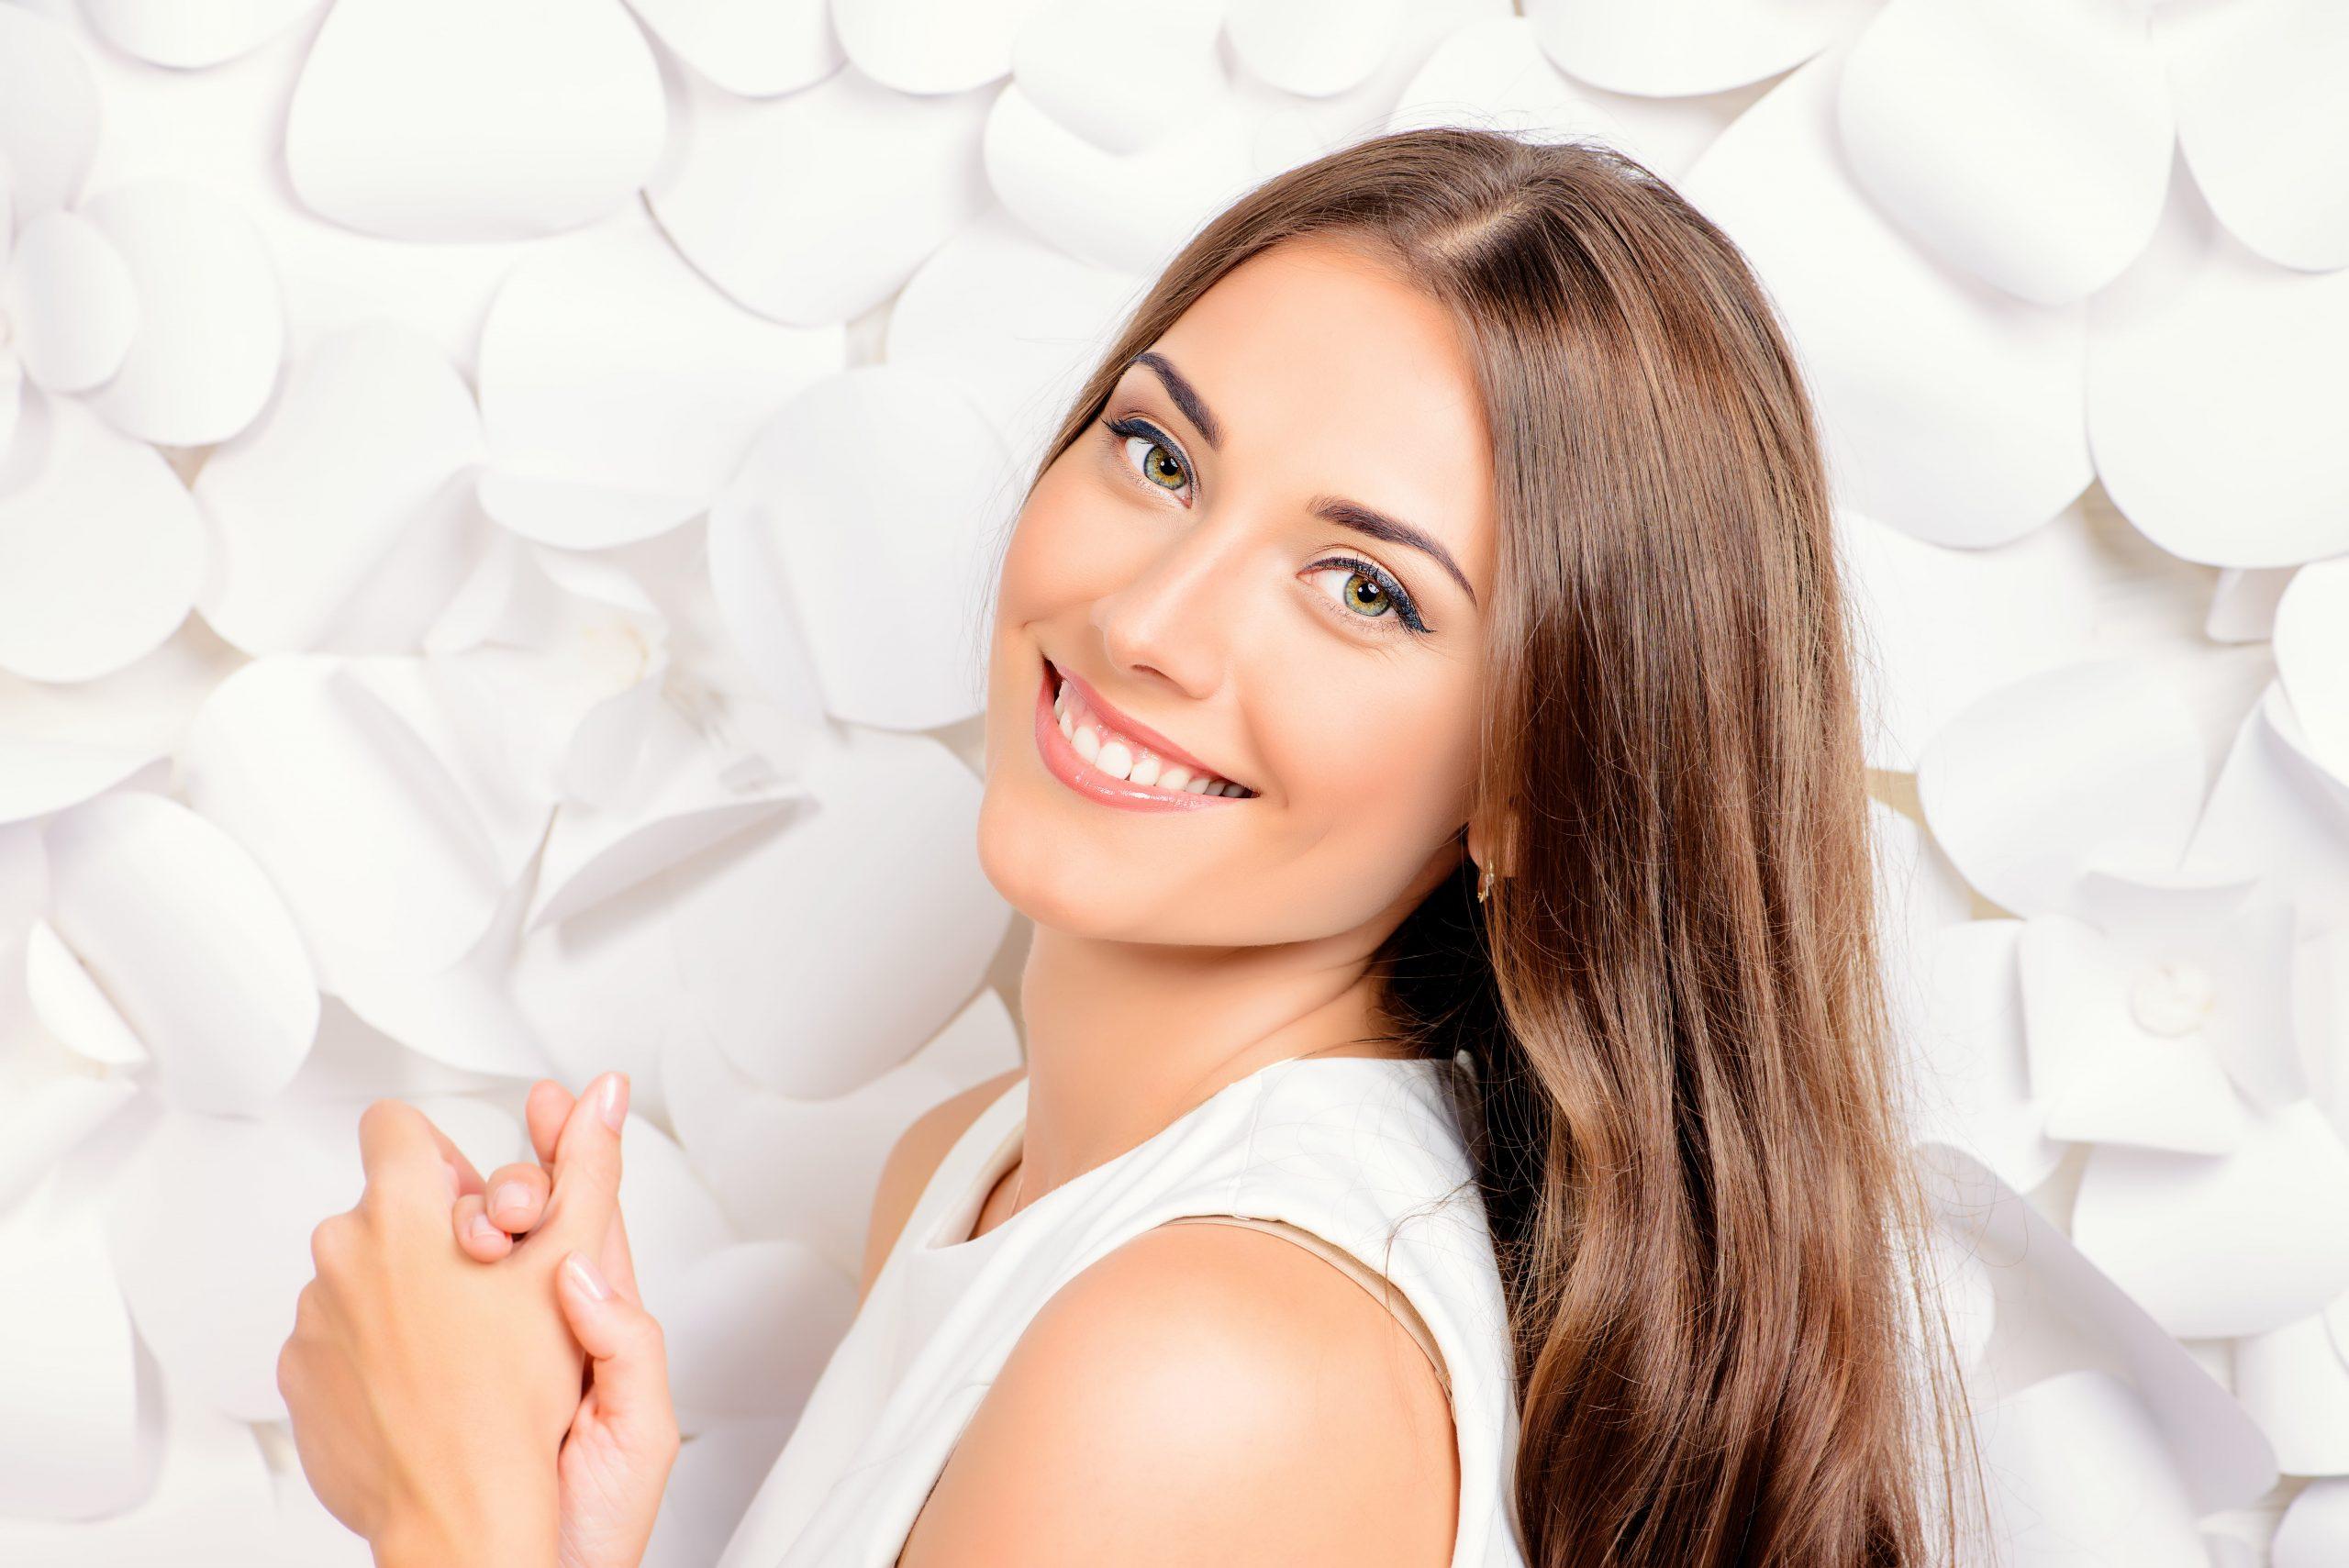 Produkcja kosmetyków selektywnych luksusowych i marek premium - najwyższej jakości kosmetyki pielęgnacyjne kontraktowy producent kosmetyków, private label, kosmetyki na zlecenie ioc producent kosmetykow 380169004 scaled